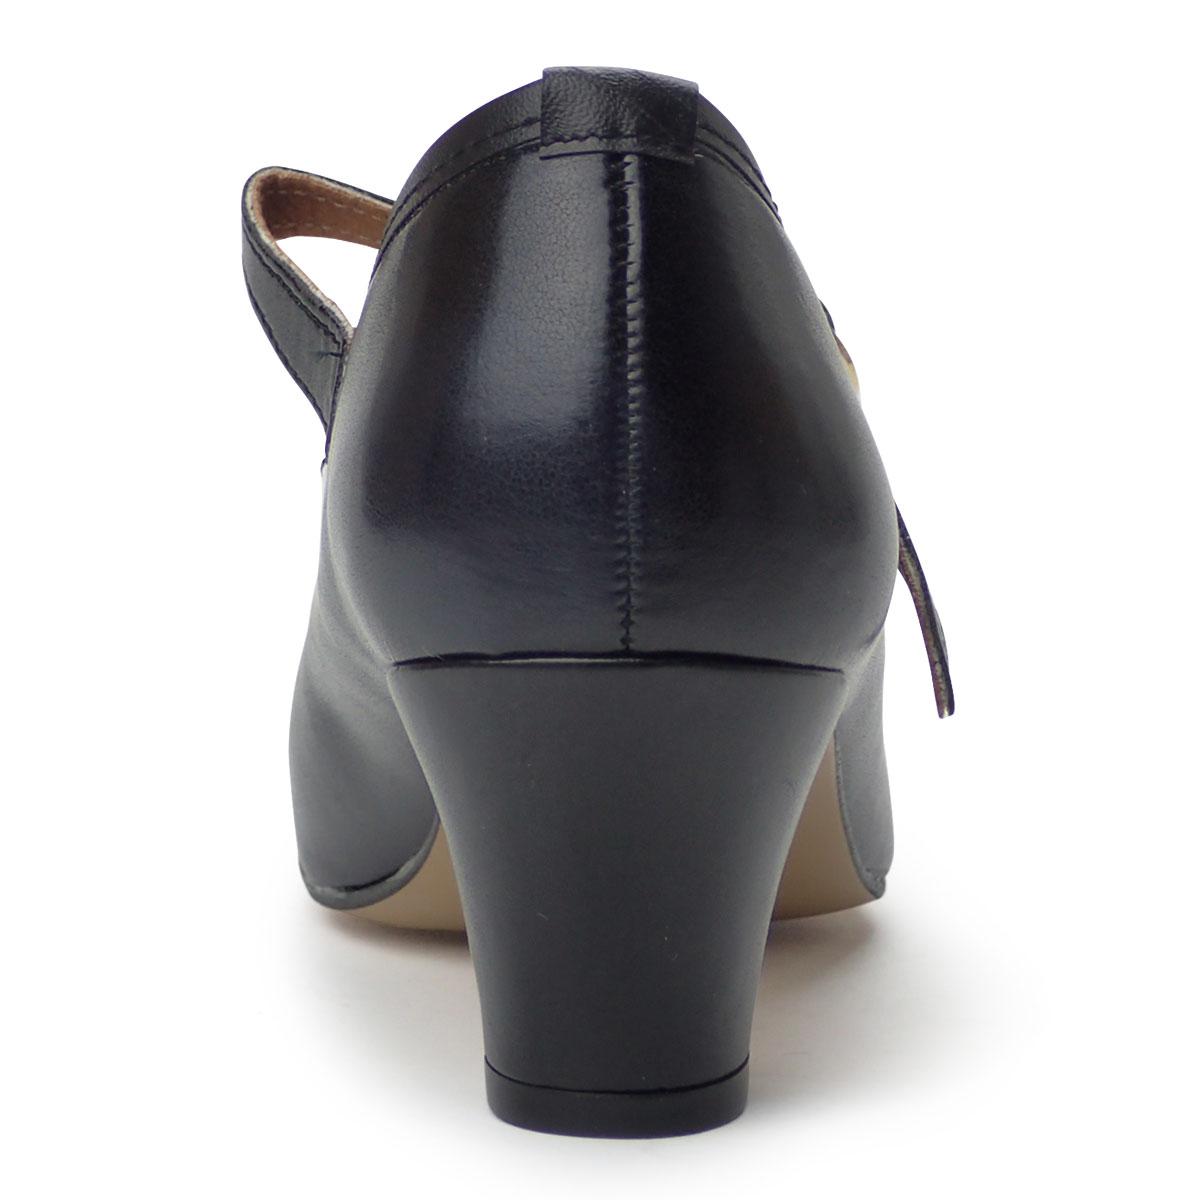 ... フラメンコ シューズ 靴 衣装